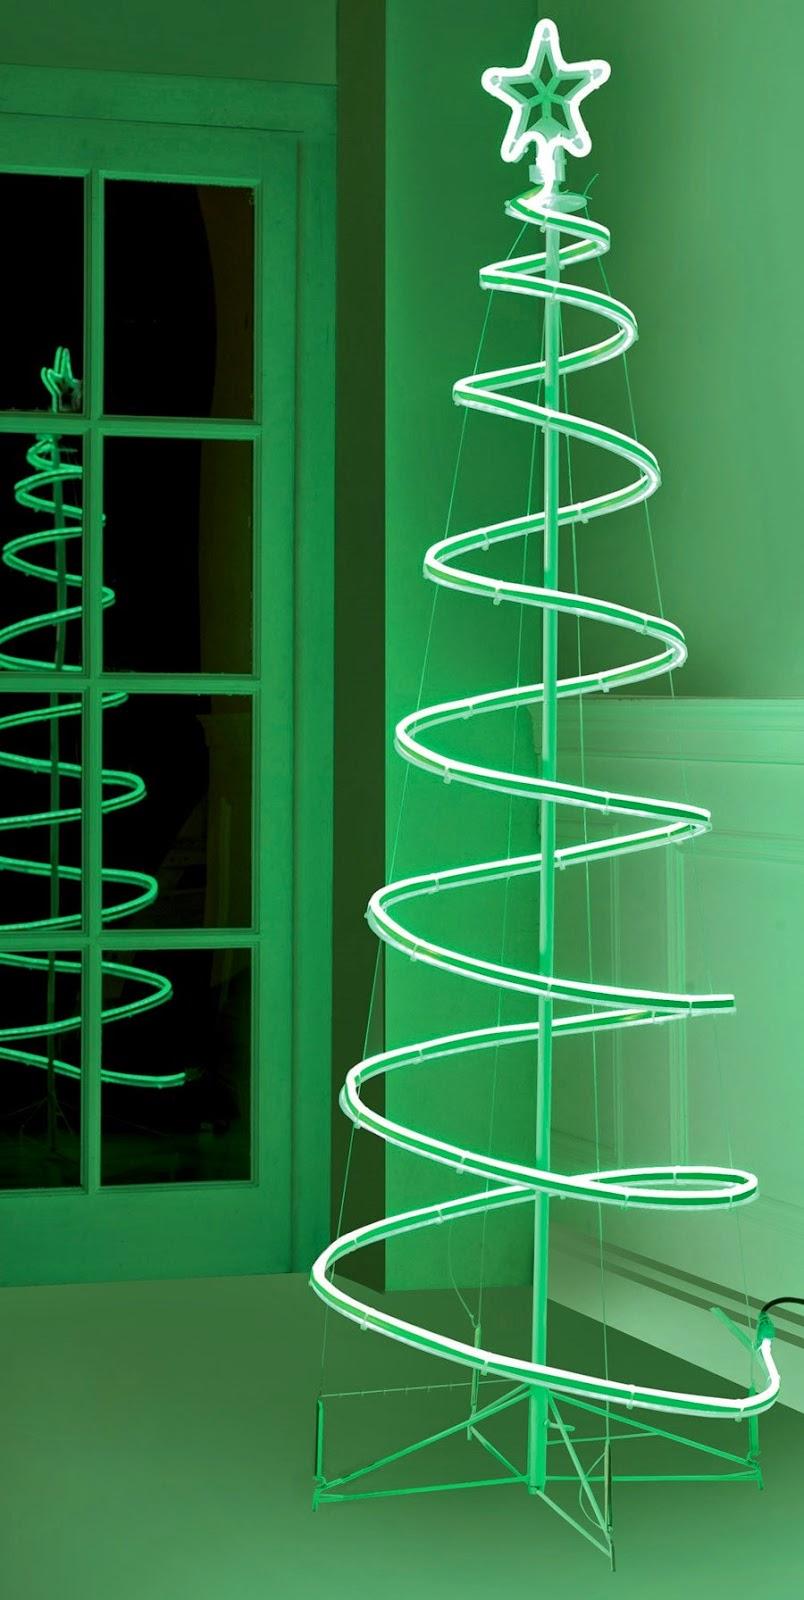 Neon Spiral Tree